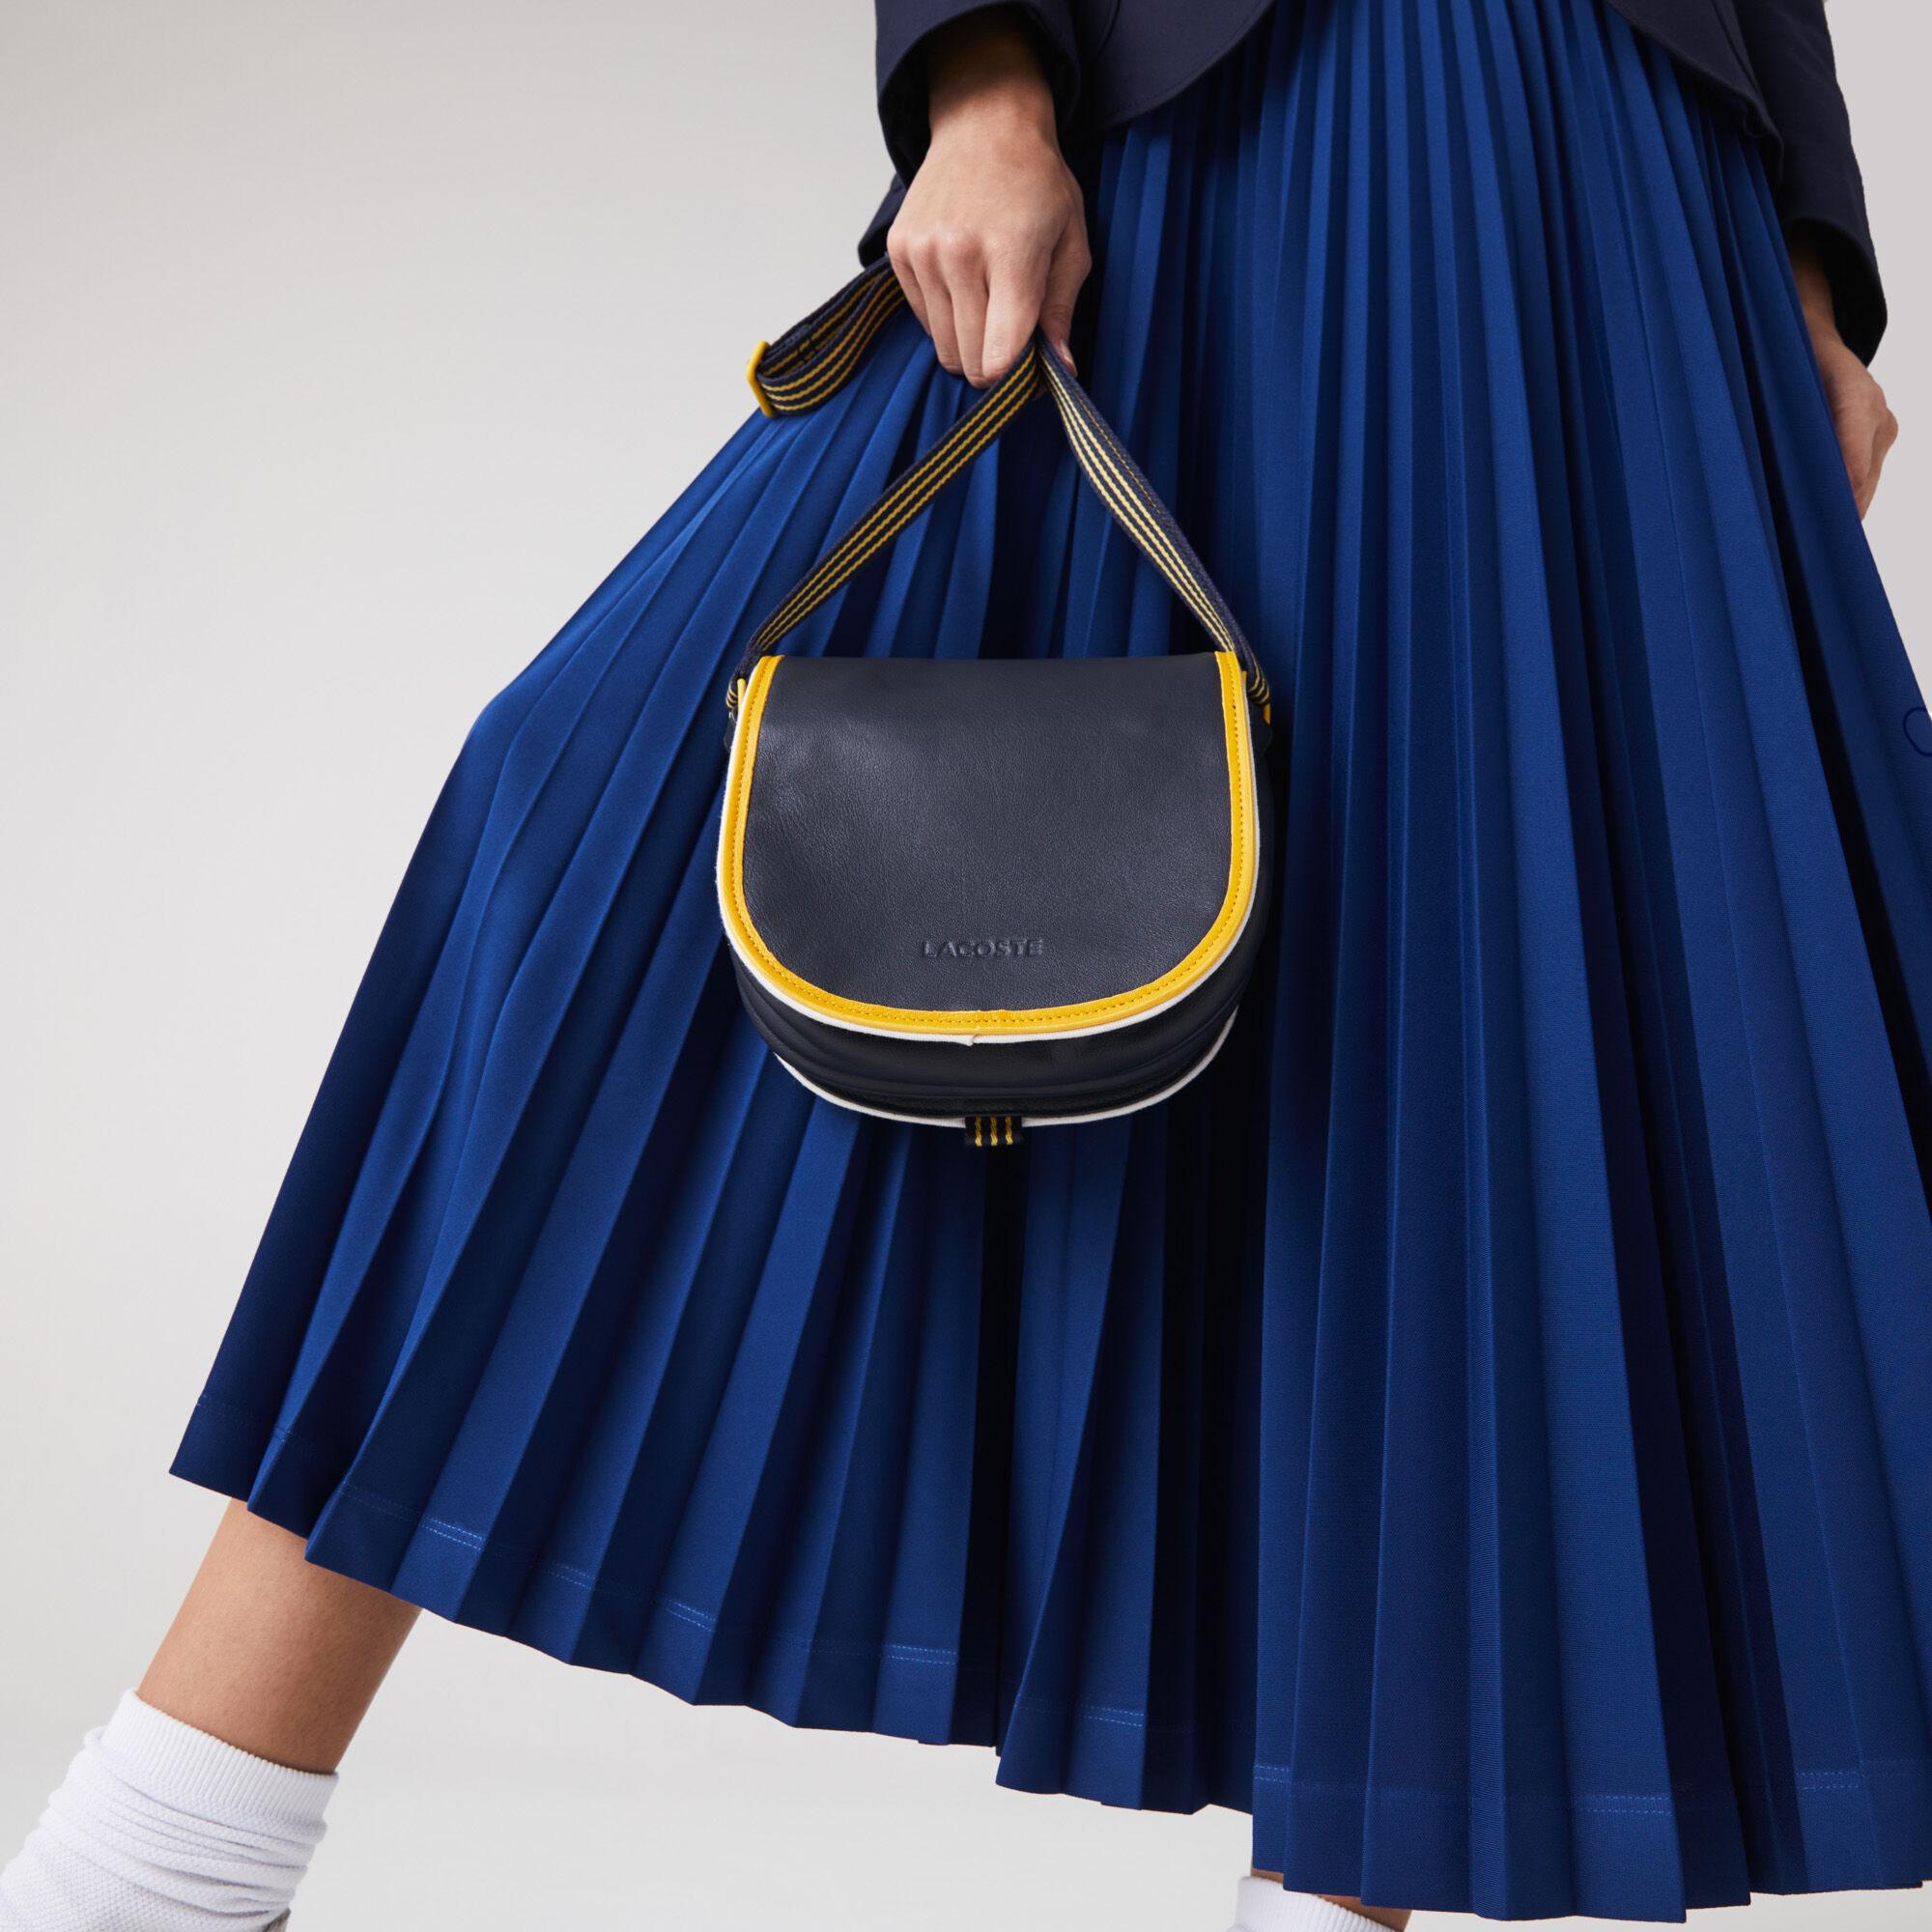 حقيبة هوبو صغيرة مع شريط بلون مختلف من مجموعة Court Line للنساء